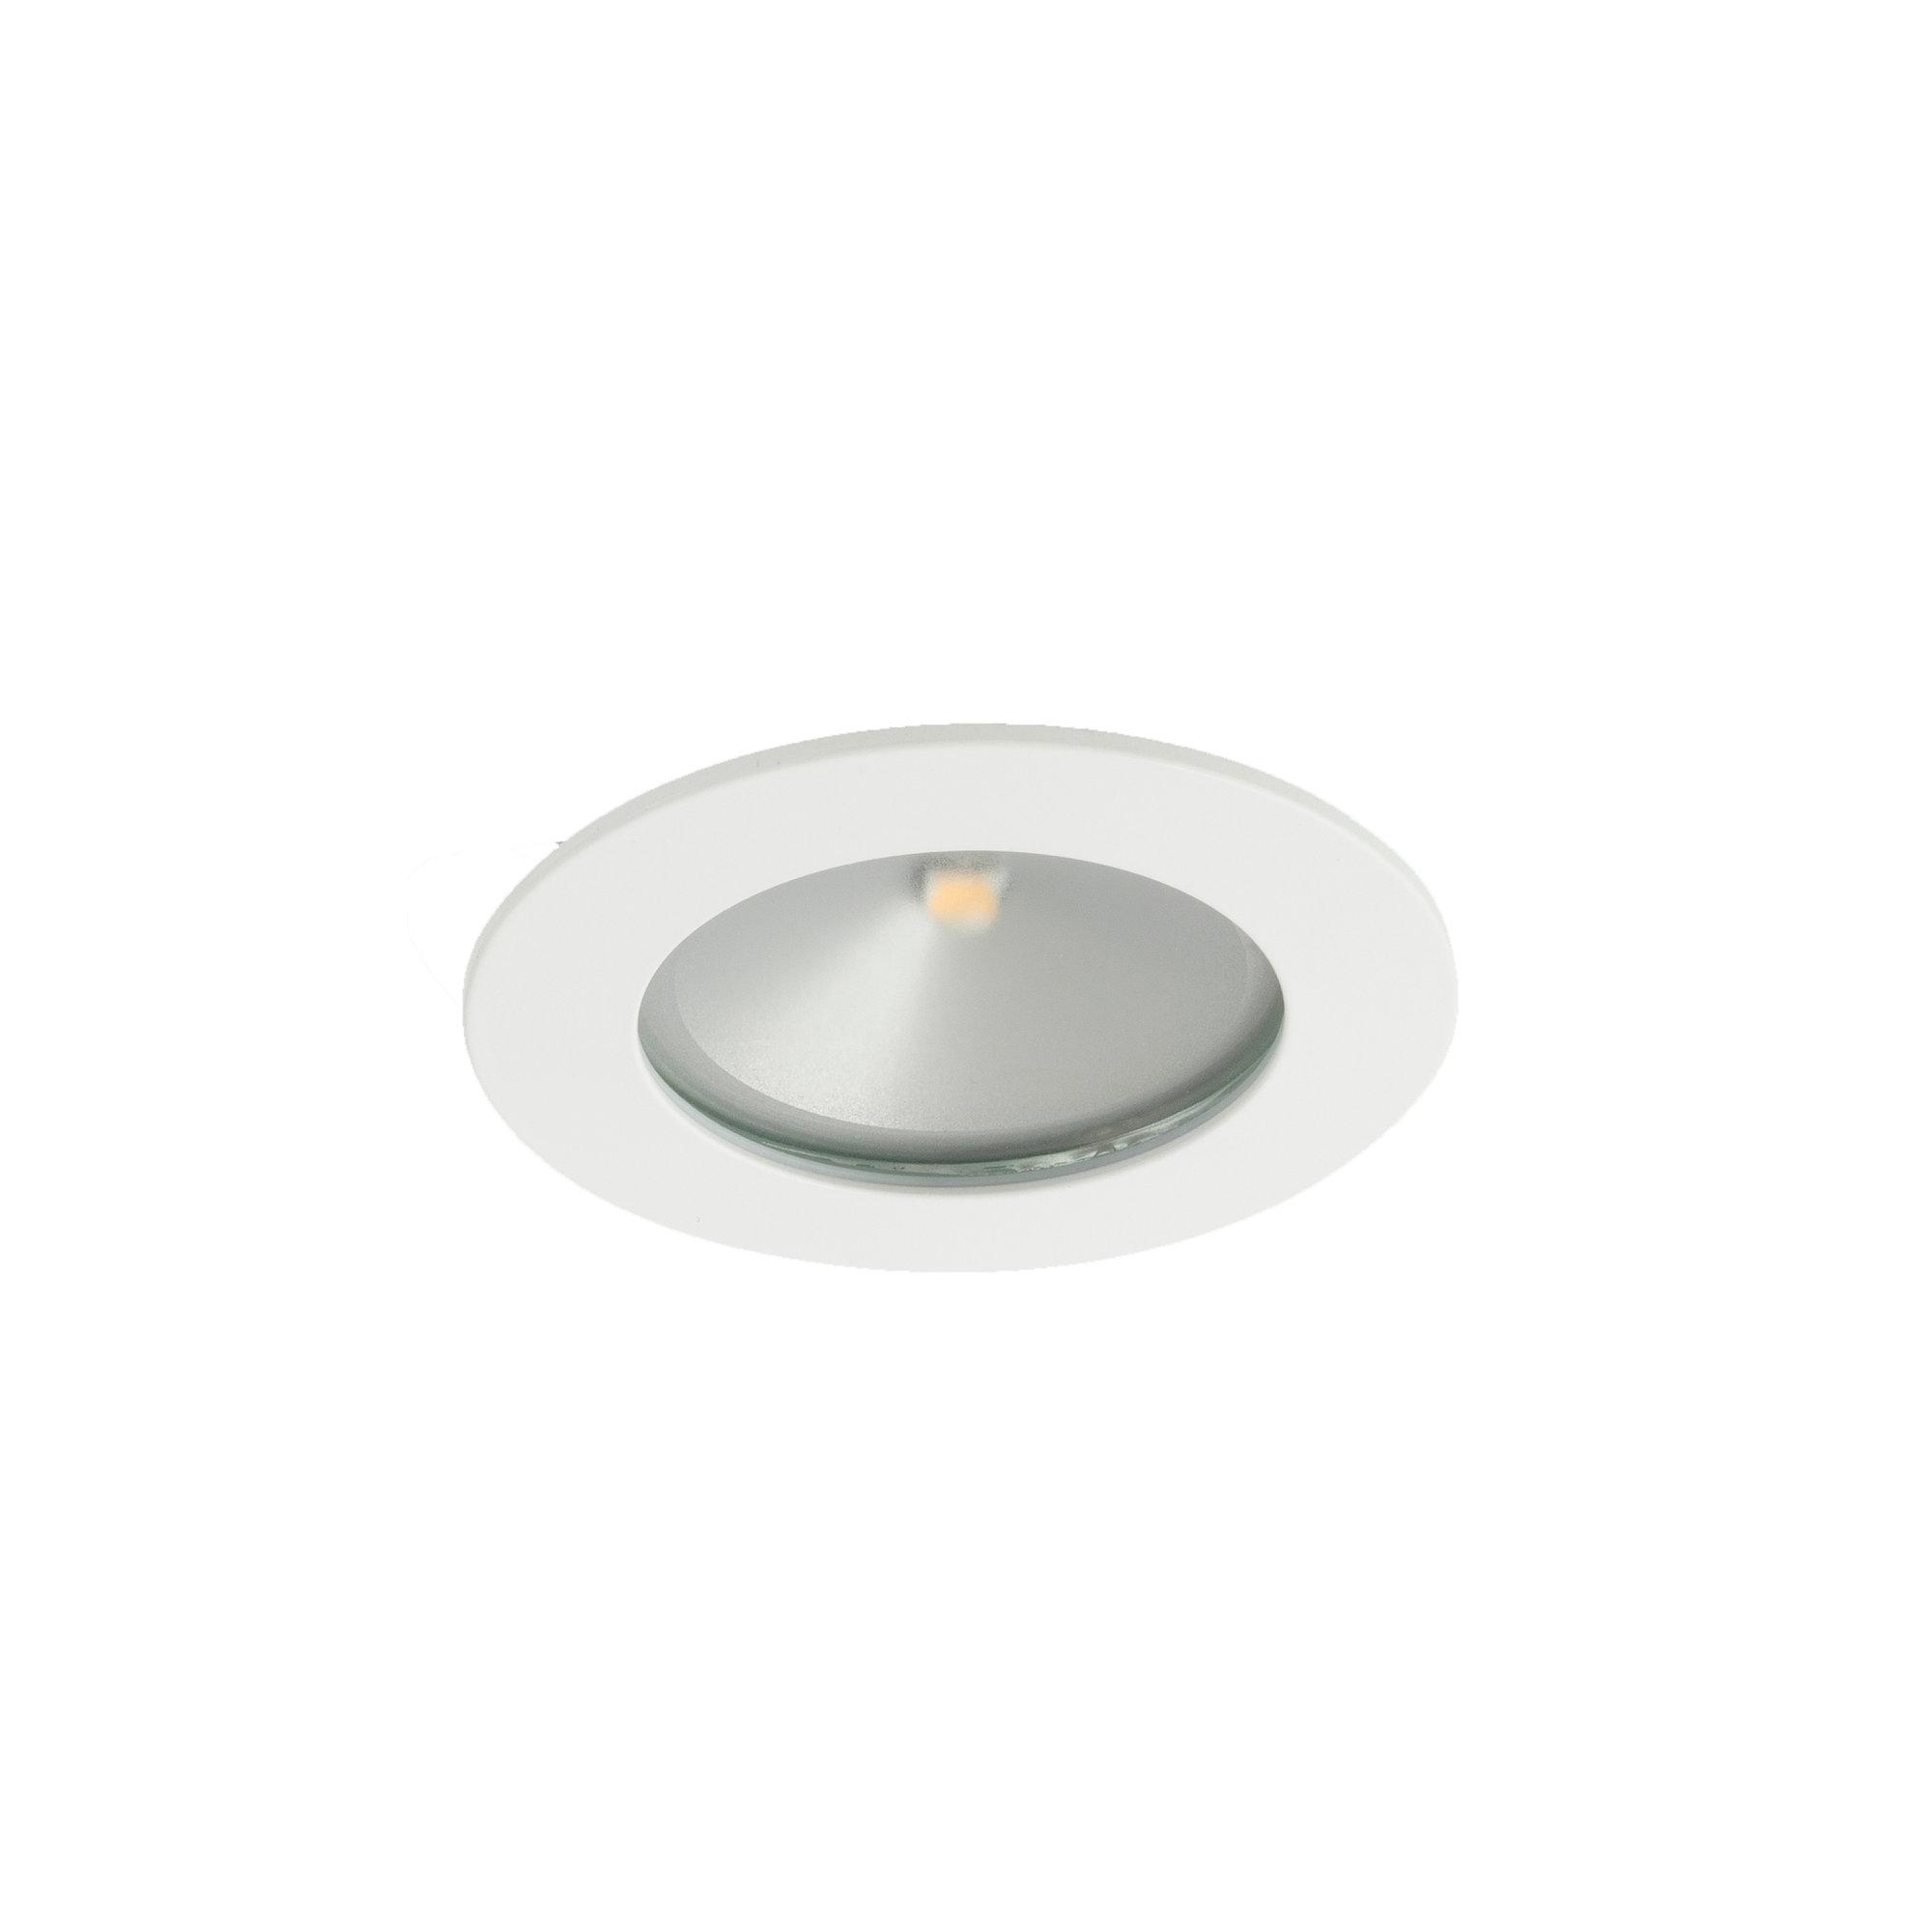 Etta Under Cabinet Light